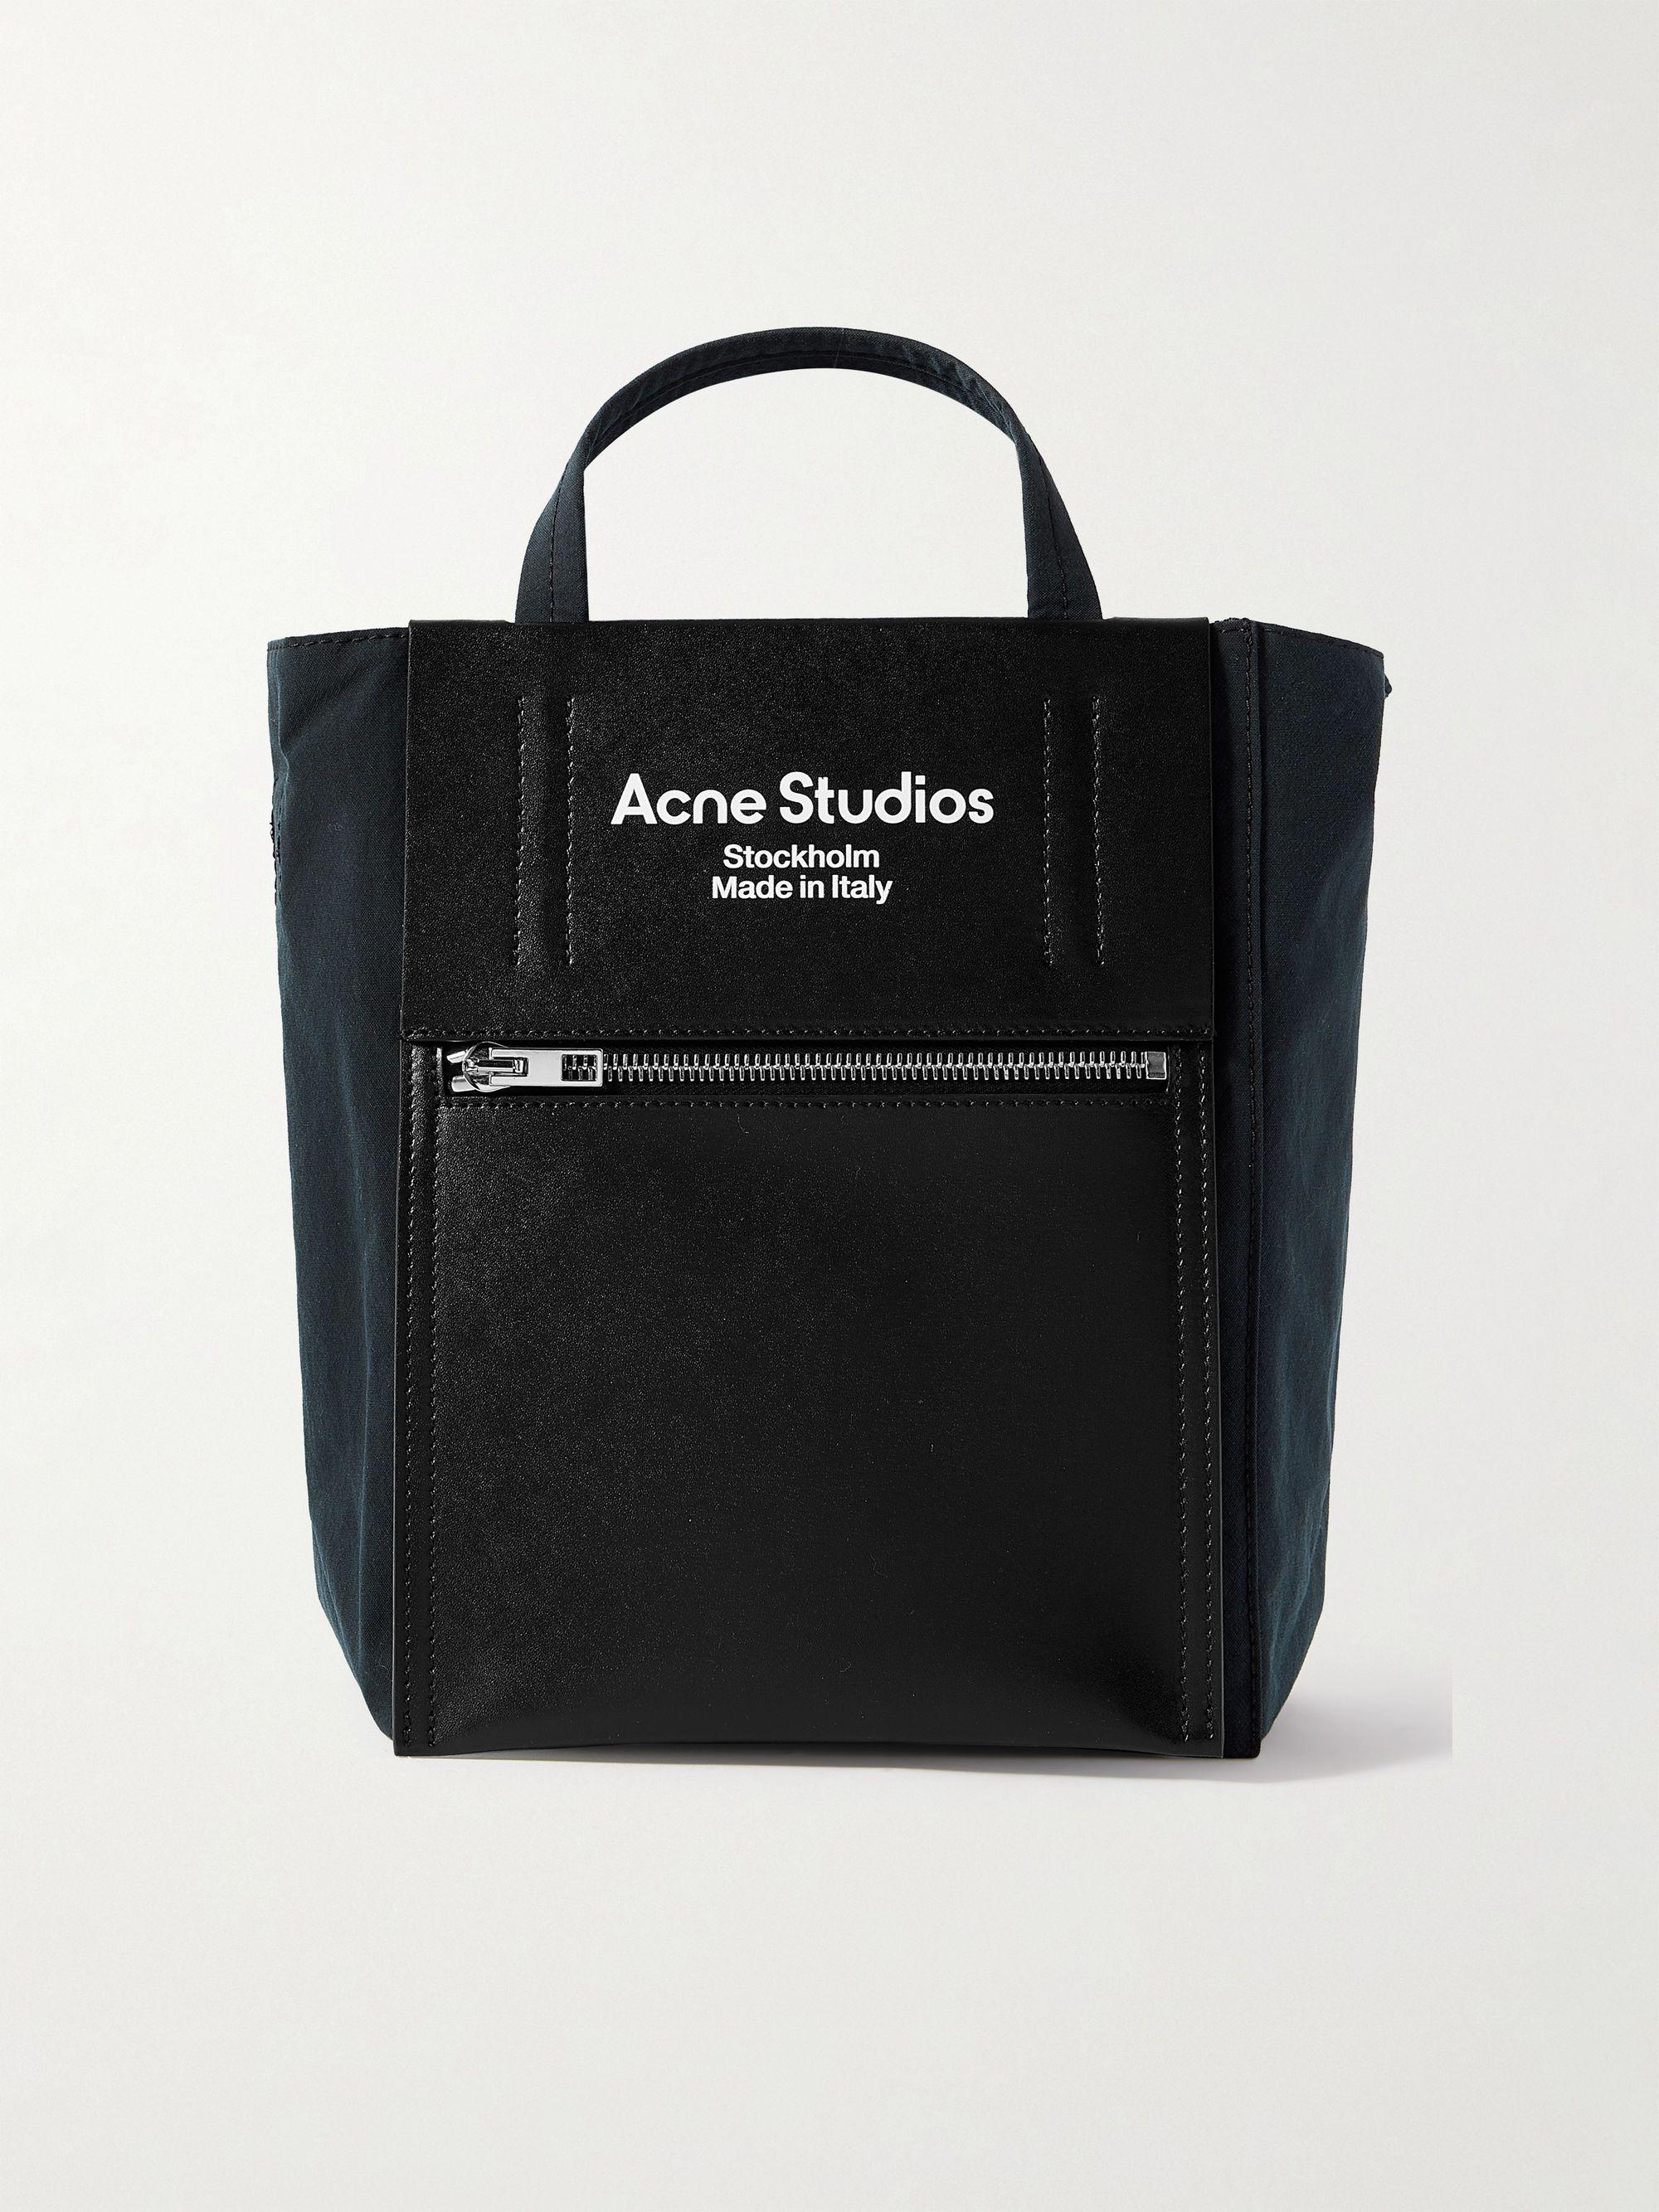 아크네 스튜디오 베이커 아웃 토트백 미니 Acne Studios Baker Out Mini Logo-Print Leather and Nylon Tote Bag,Black